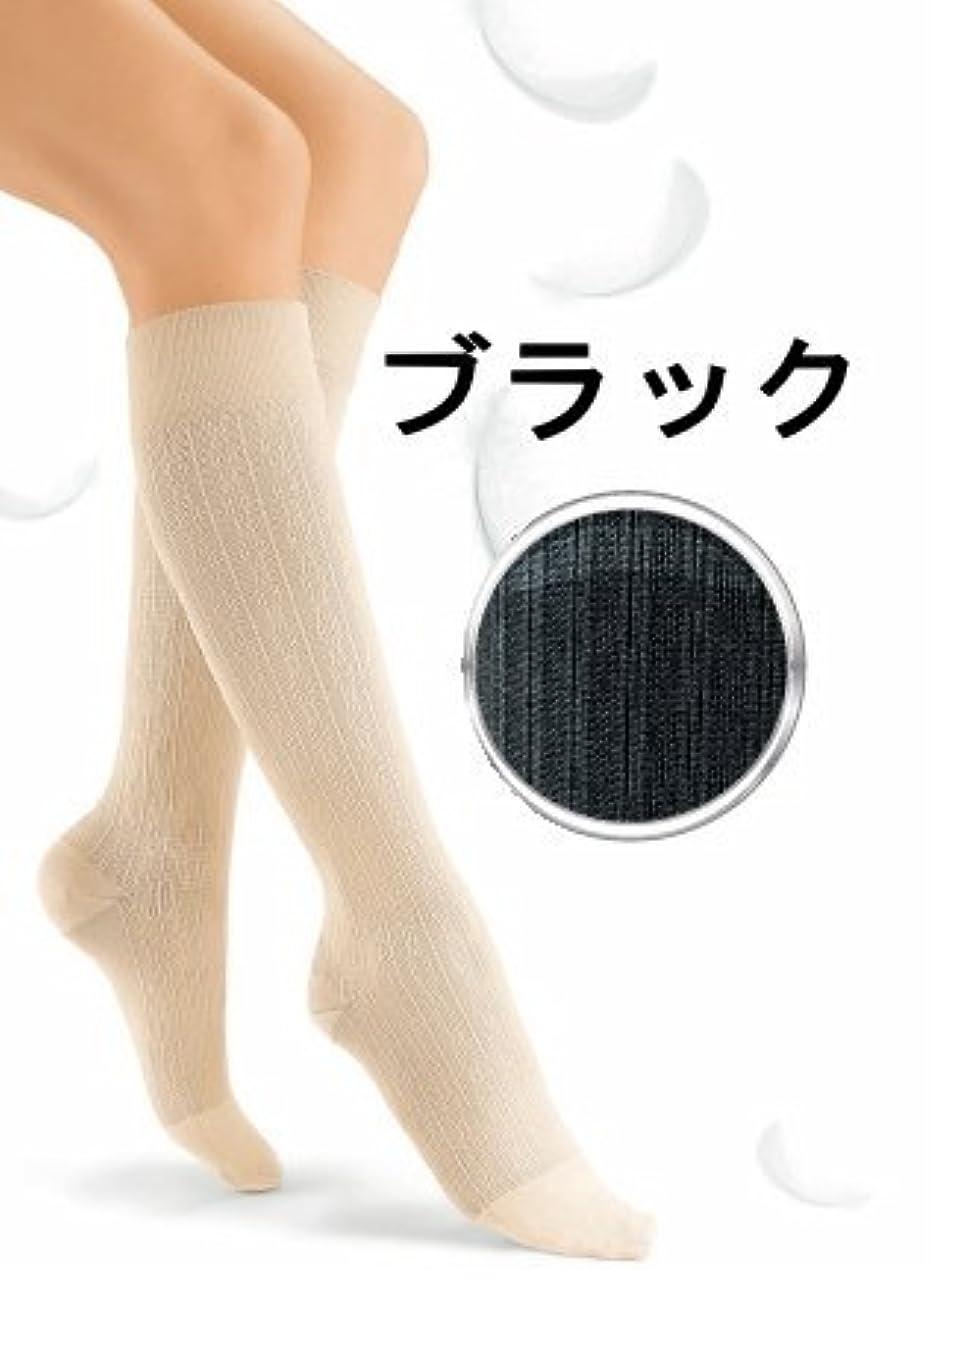 スワップ大腿ポルノジョブストsoソフト20 ブラック/リブ柄 ハイソックスS